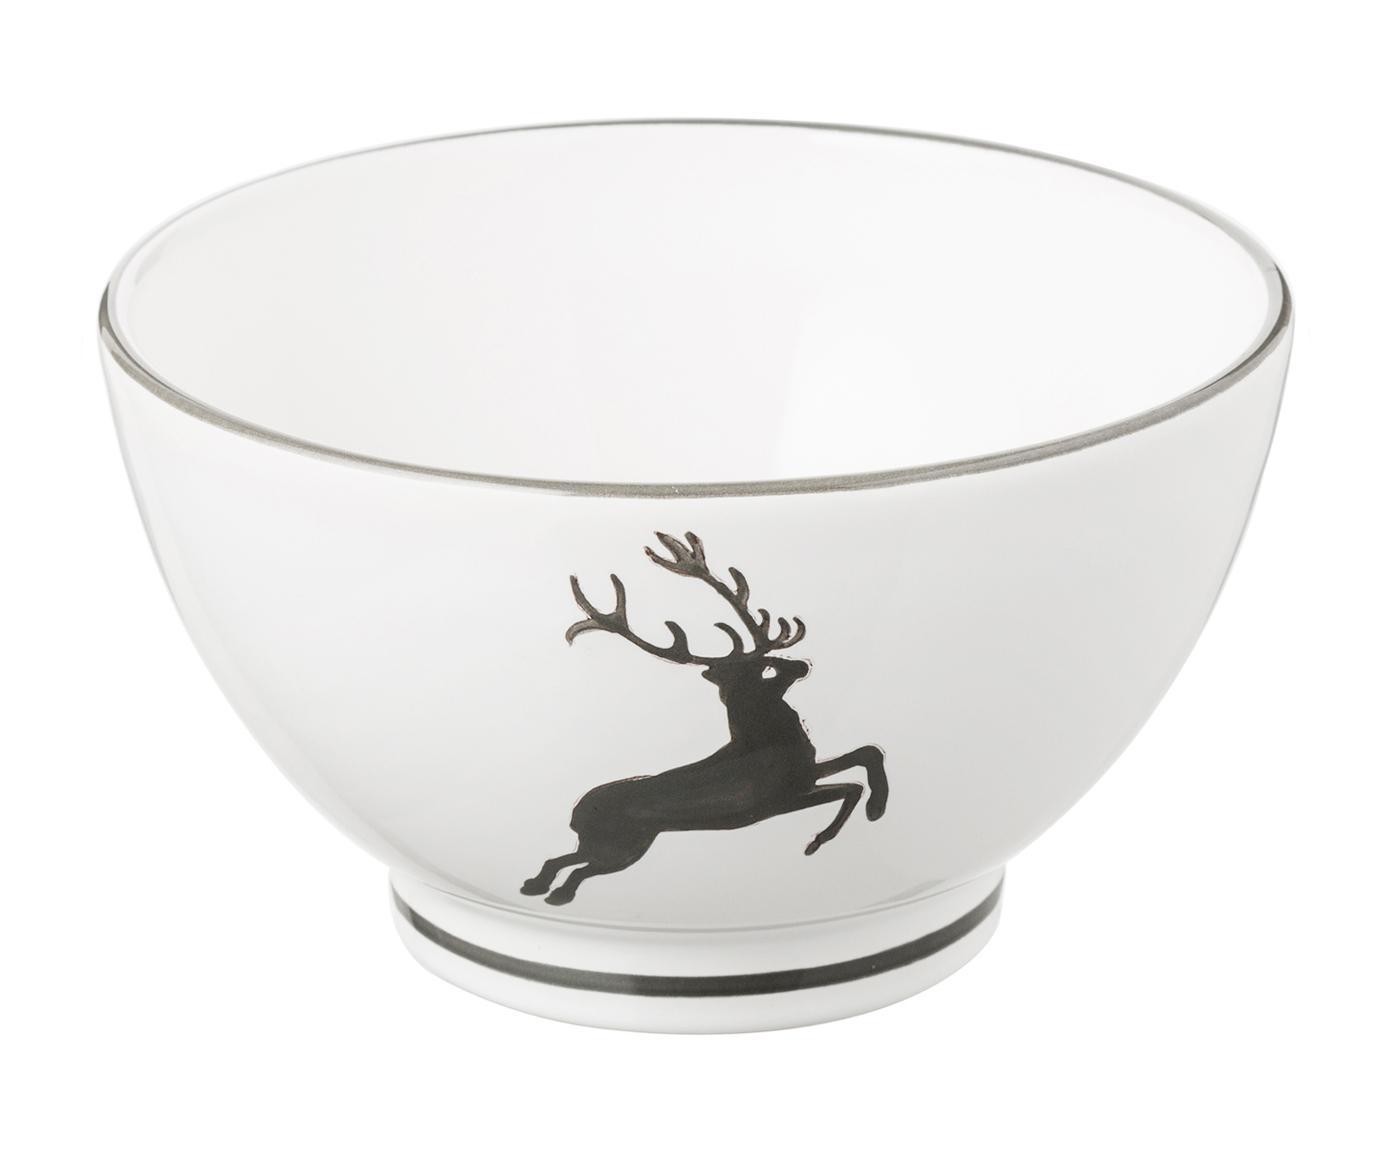 Miska Grauer Hirsch, Ceramika, Szary, biały, Ø 14 cm